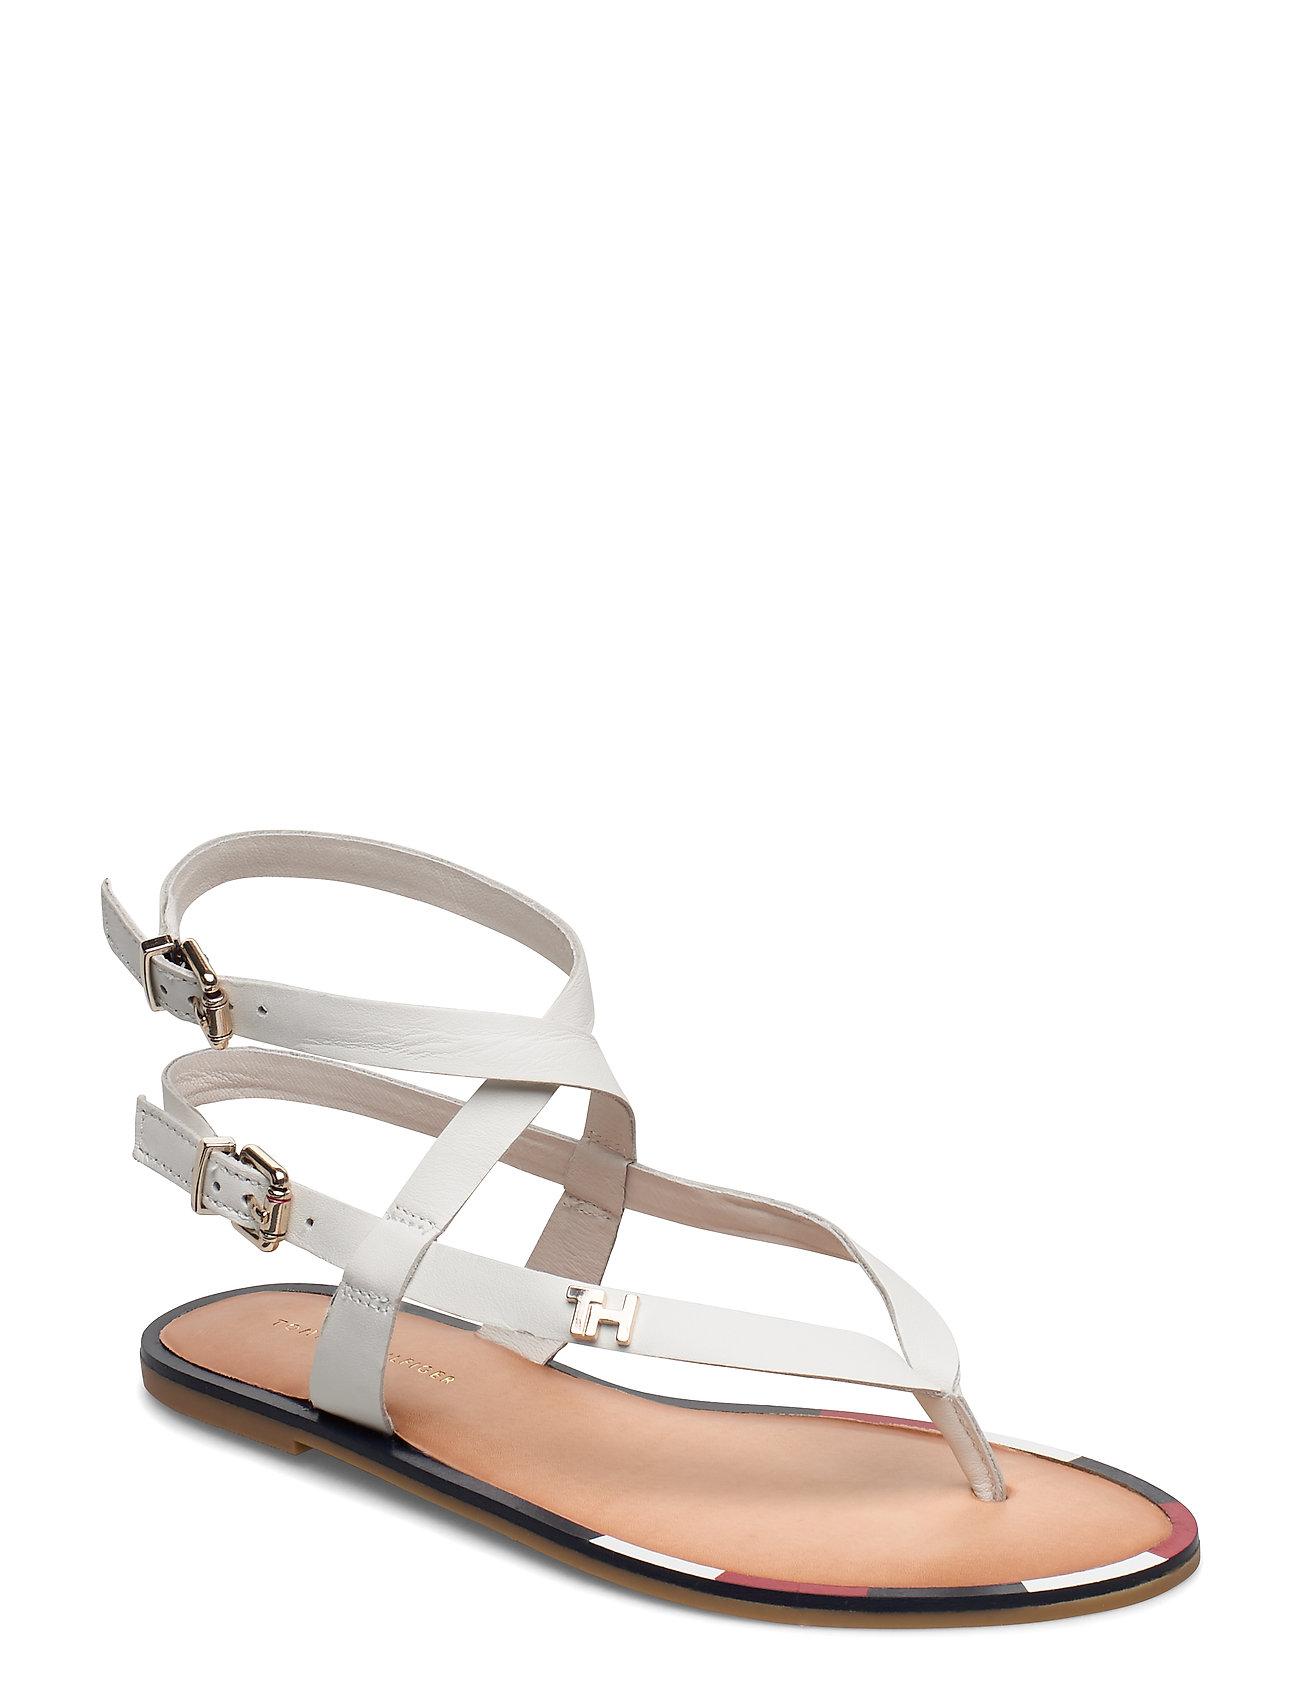 Image of Fem Elastic Flat Sandal Shoes Summer Shoes Flat Sandals Hvid Tommy Hilfiger (3377375001)